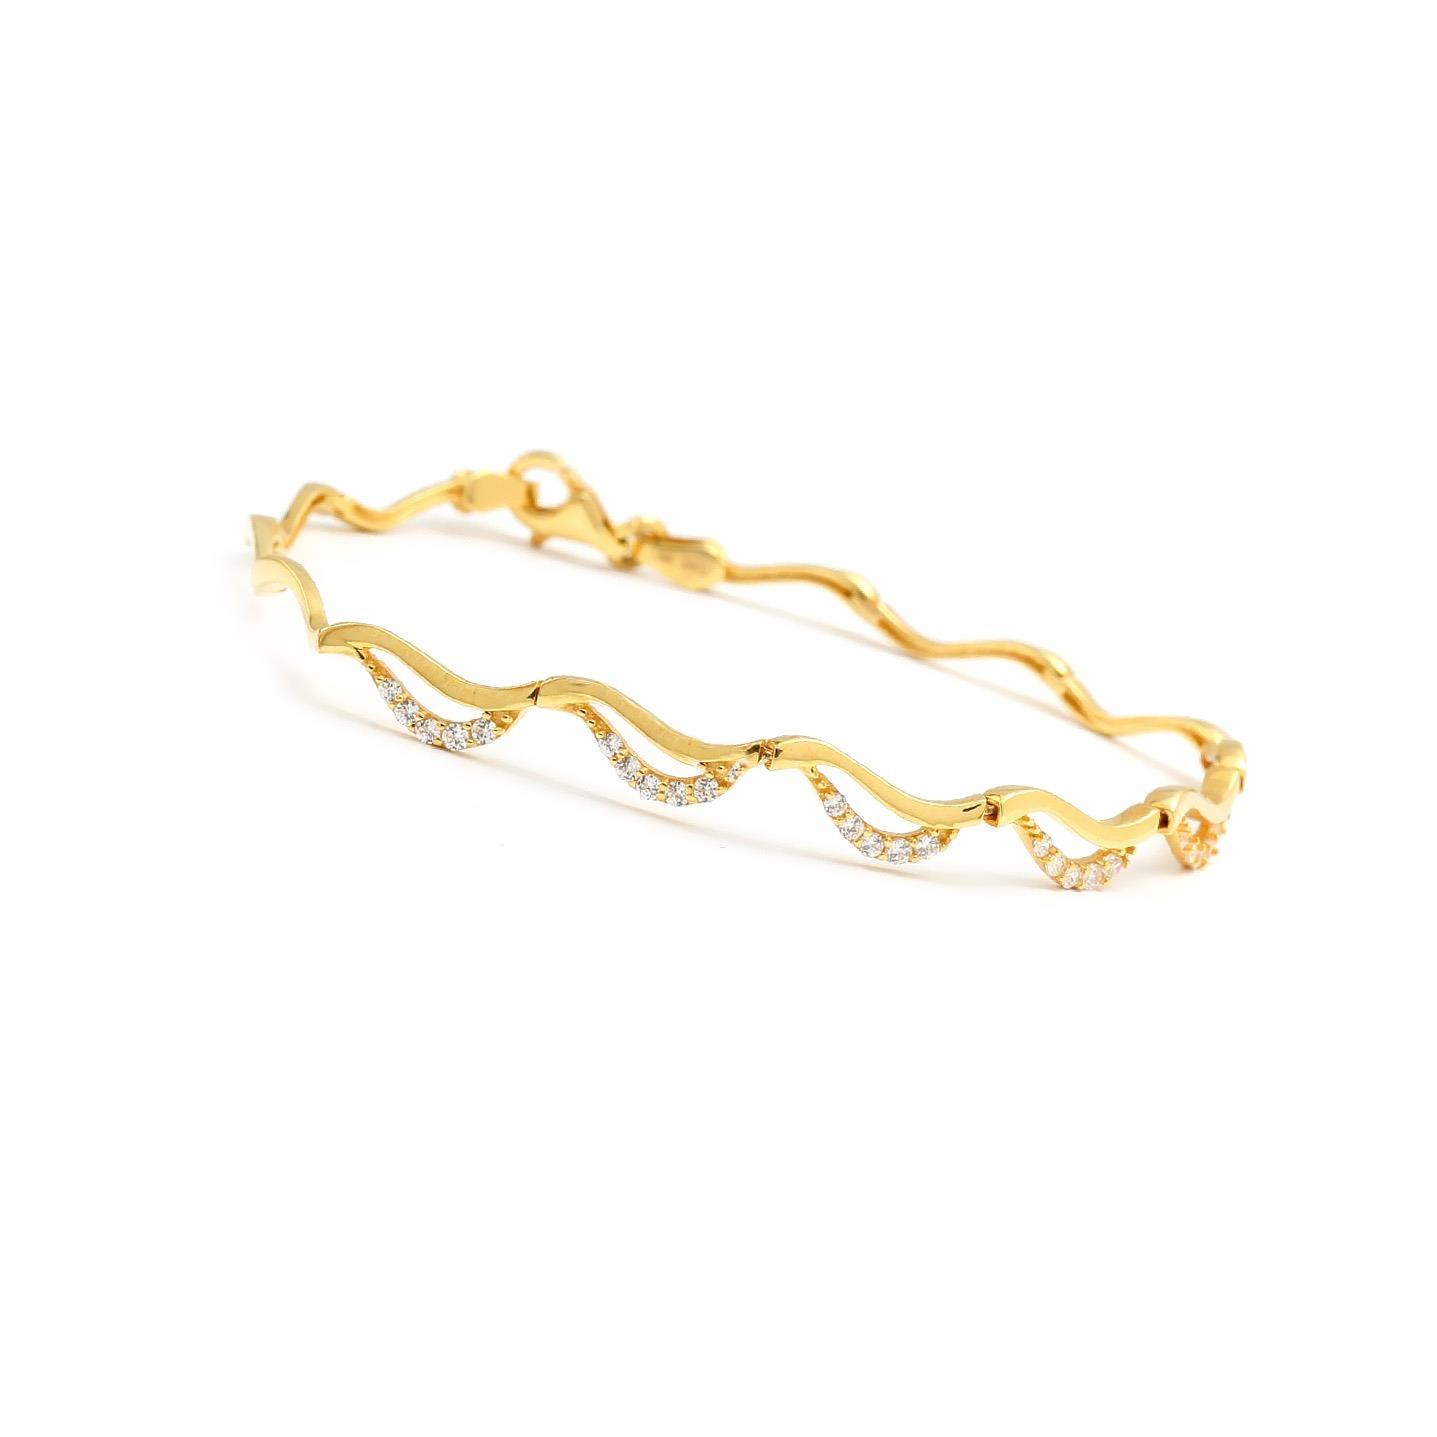 zlatý náramok brigita zlatý náramok brigita 2 ... 197e19addcb